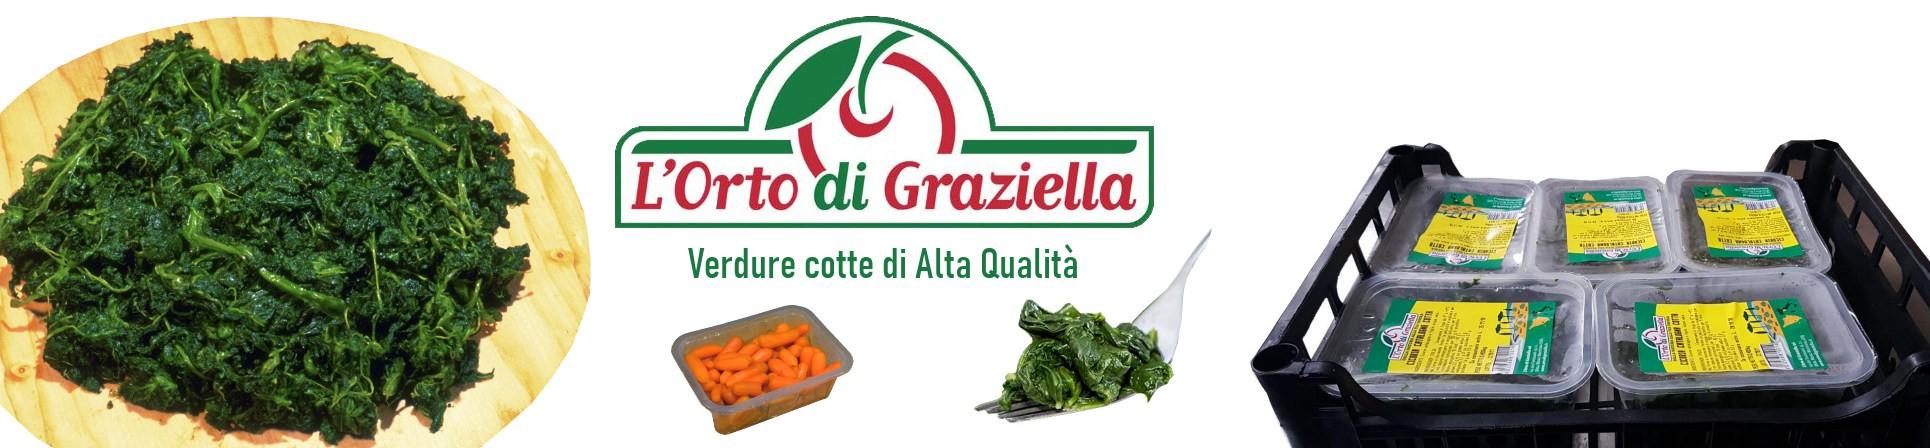 L'ORTO DI GRAZIELLA Verdure cotte - vendita online